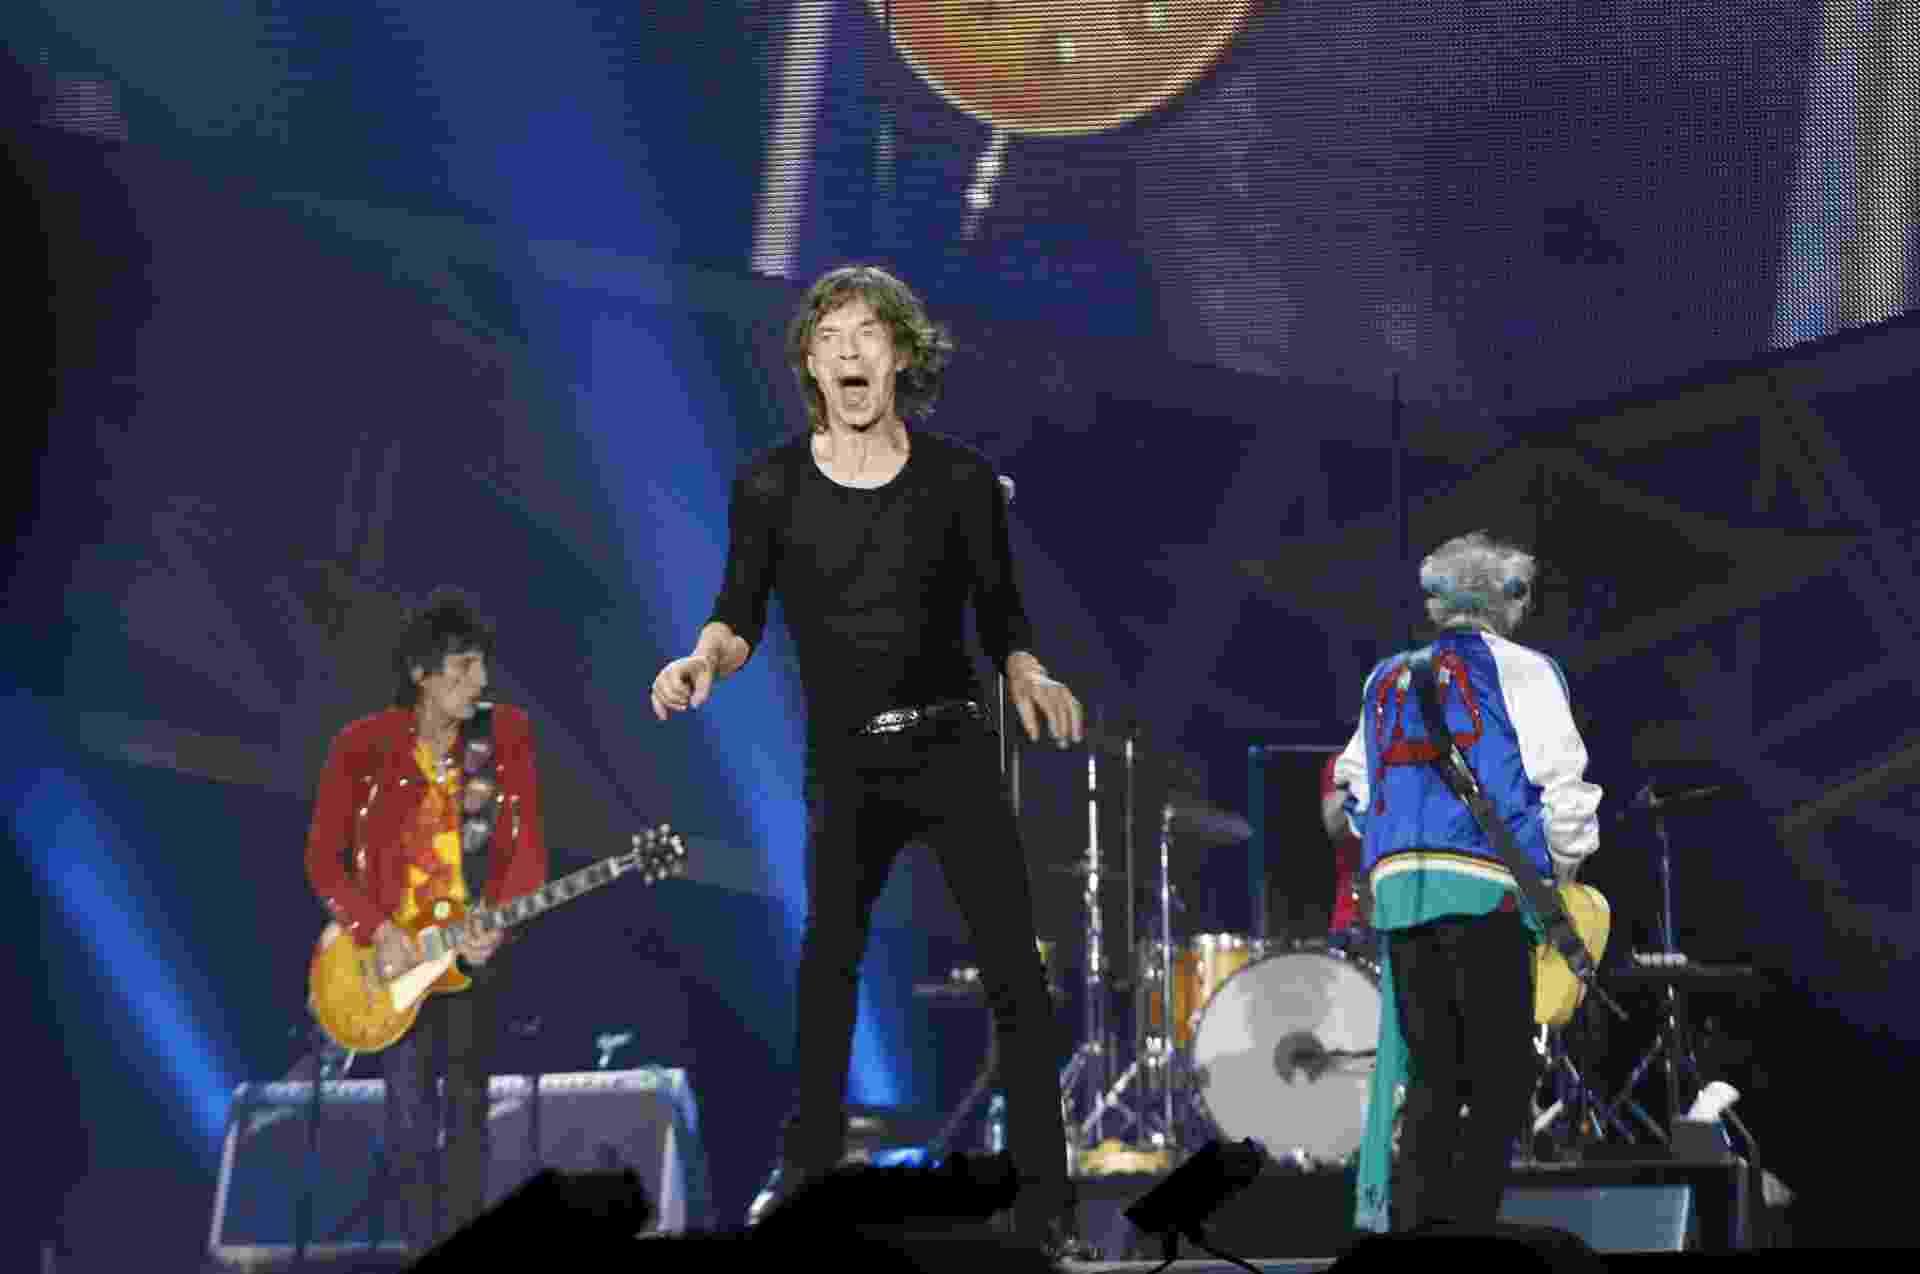 26.mai.2014 - Rolling Stones sem apresenta na Telenor Arena, na cidade de Oslo, na Noruega. É o primeiro show de Mick Jagger desde a morte da namorada, estilista L'Wren Scott, que cometeu suicídio em março - Zumapress